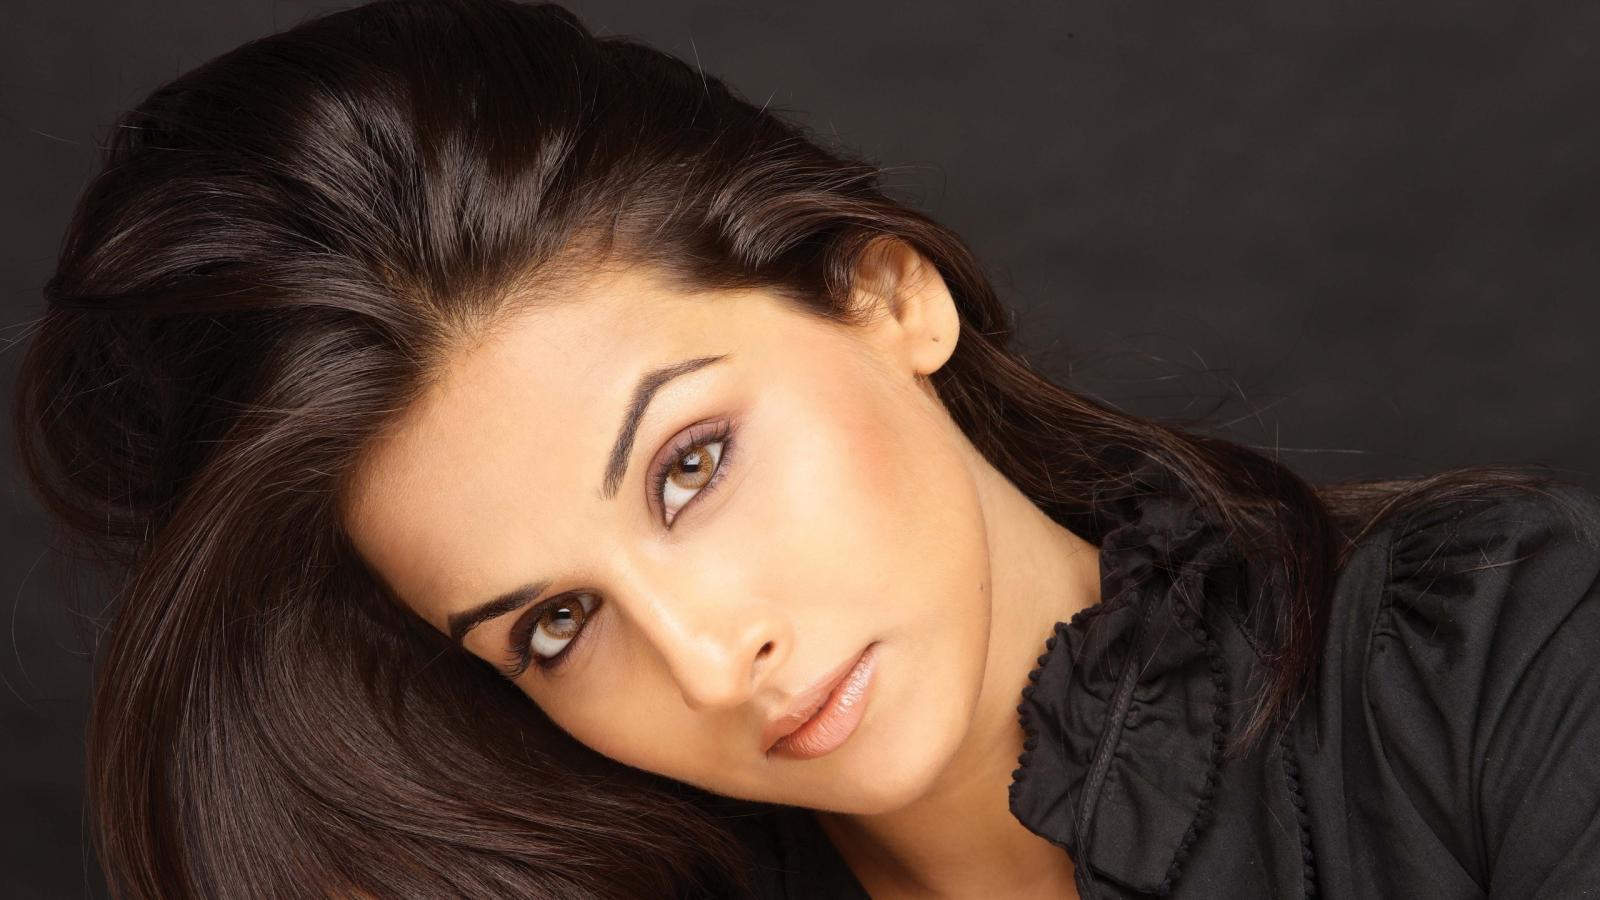 Vidya balan very hot photos vidya balan images pictures wallpapers pics indian actress - Indian beautiful models hd wallpapers ...